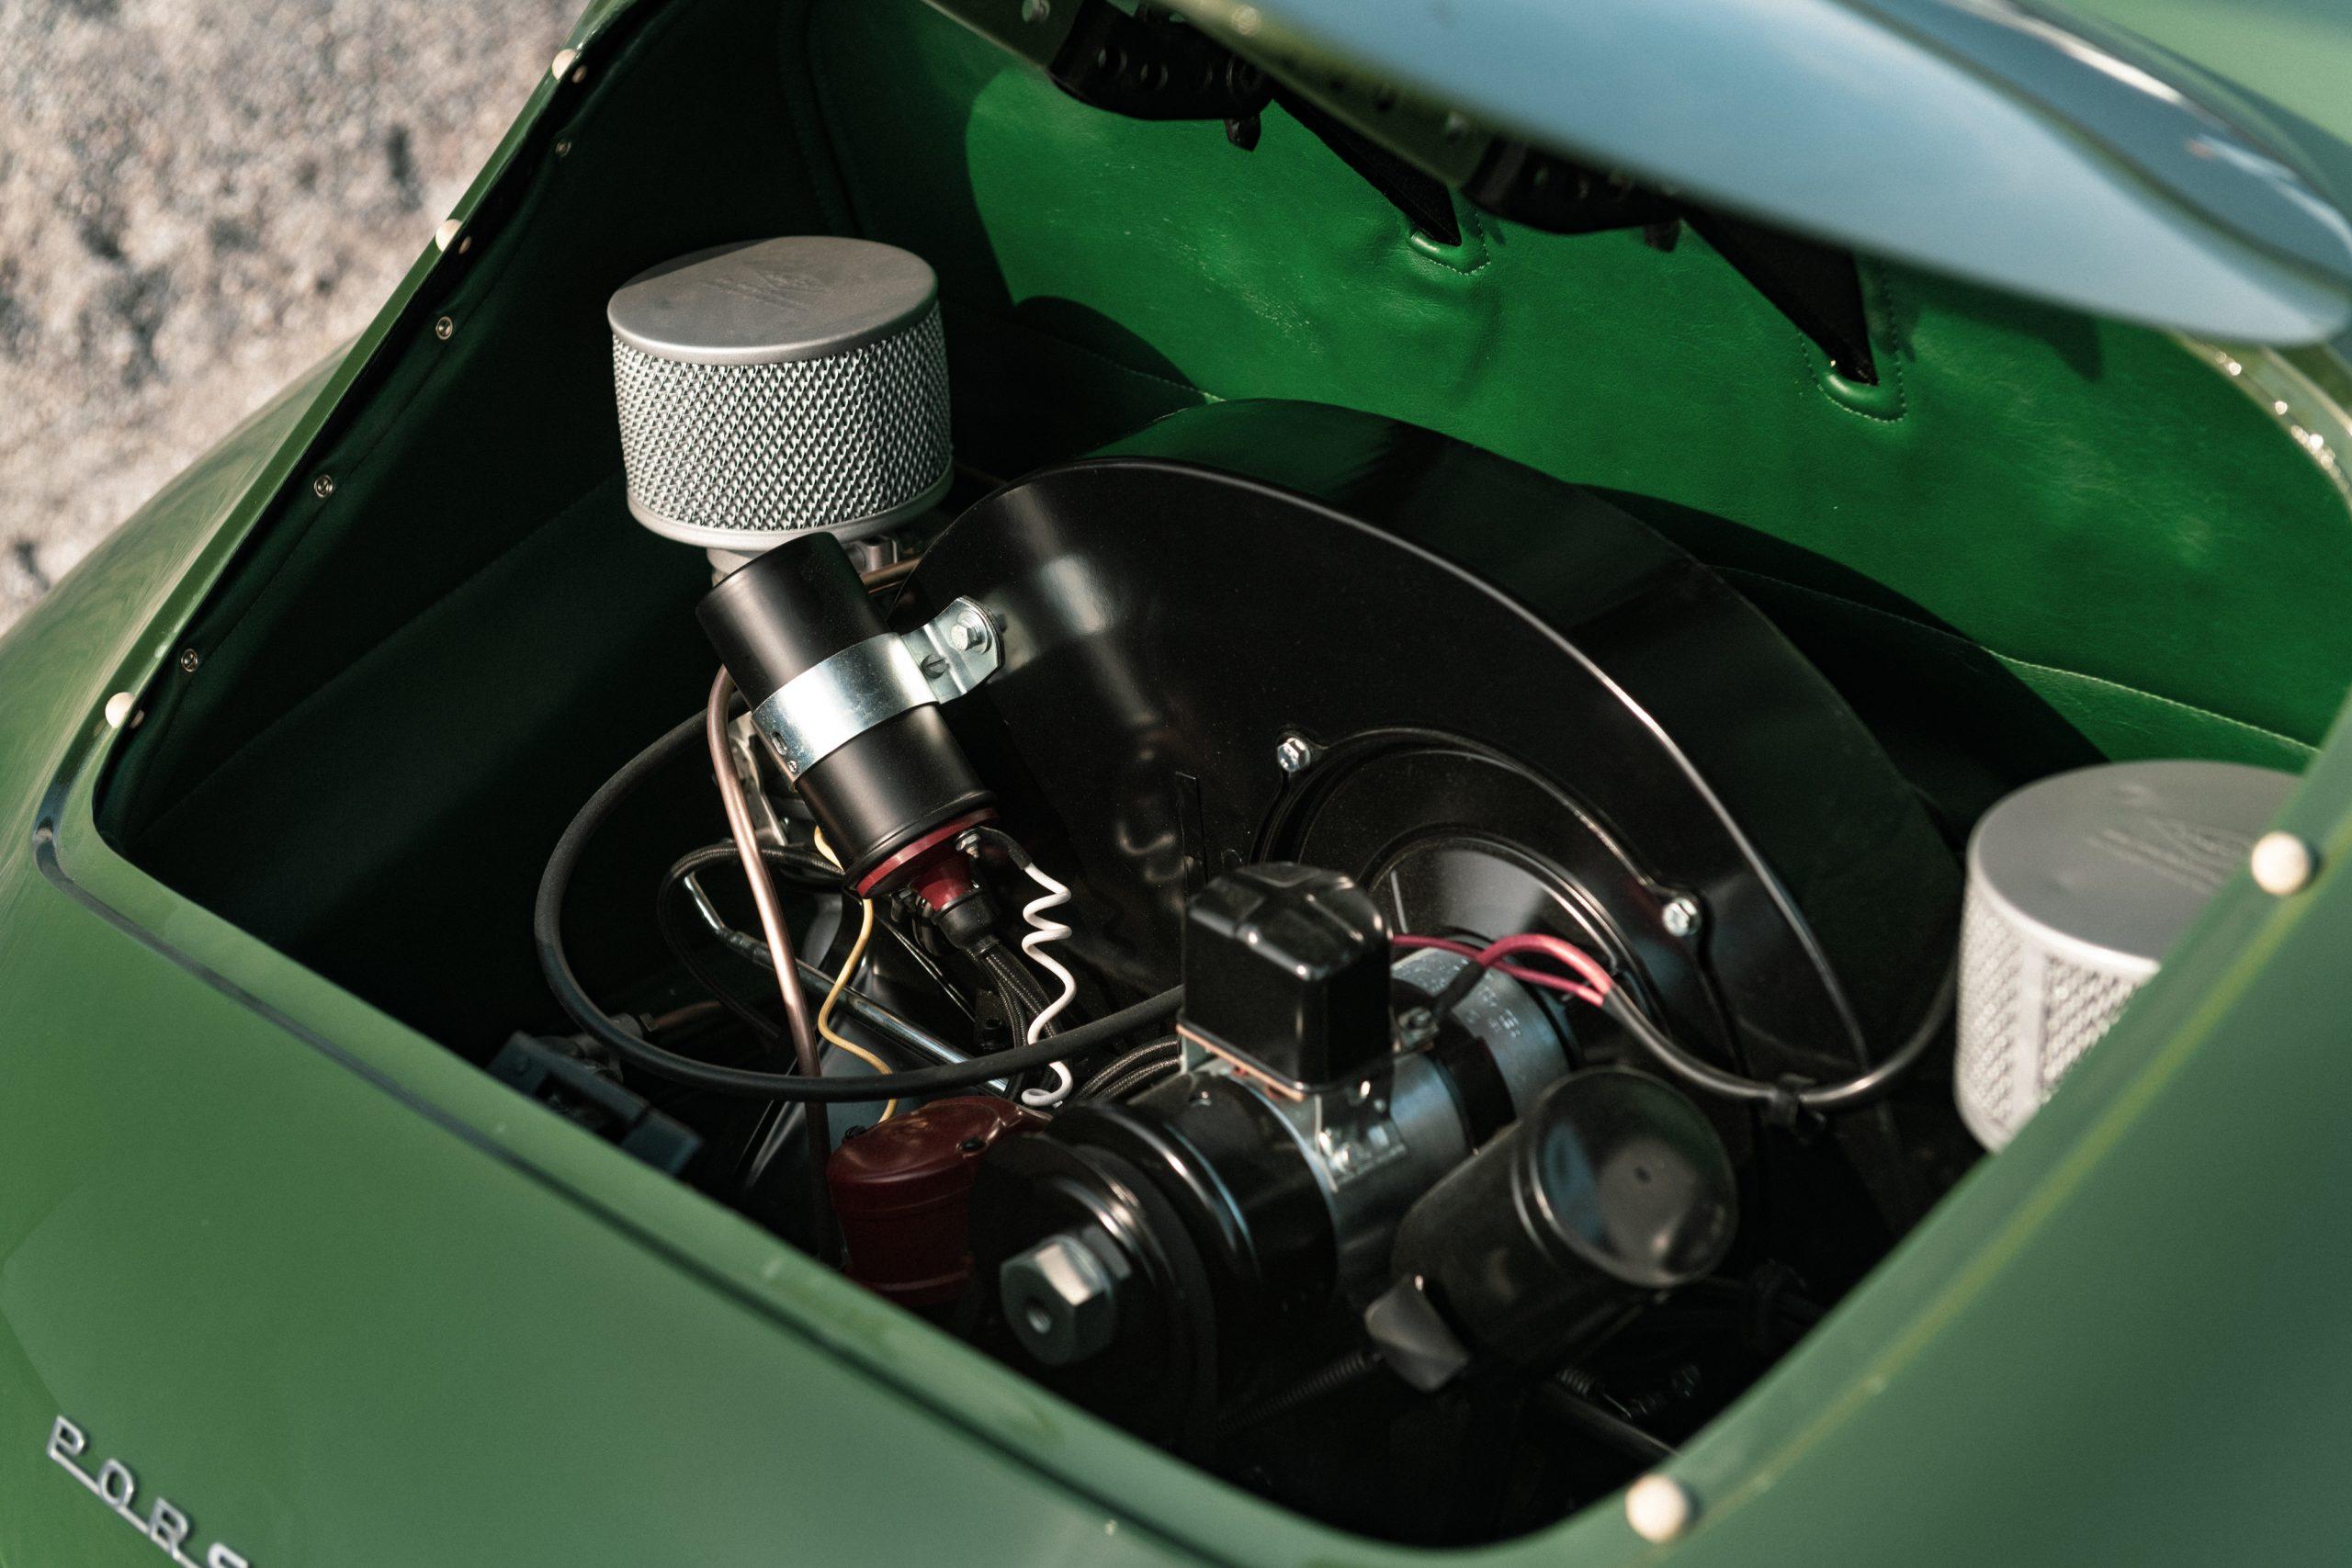 Porsche 356 Coupe Reutter engine